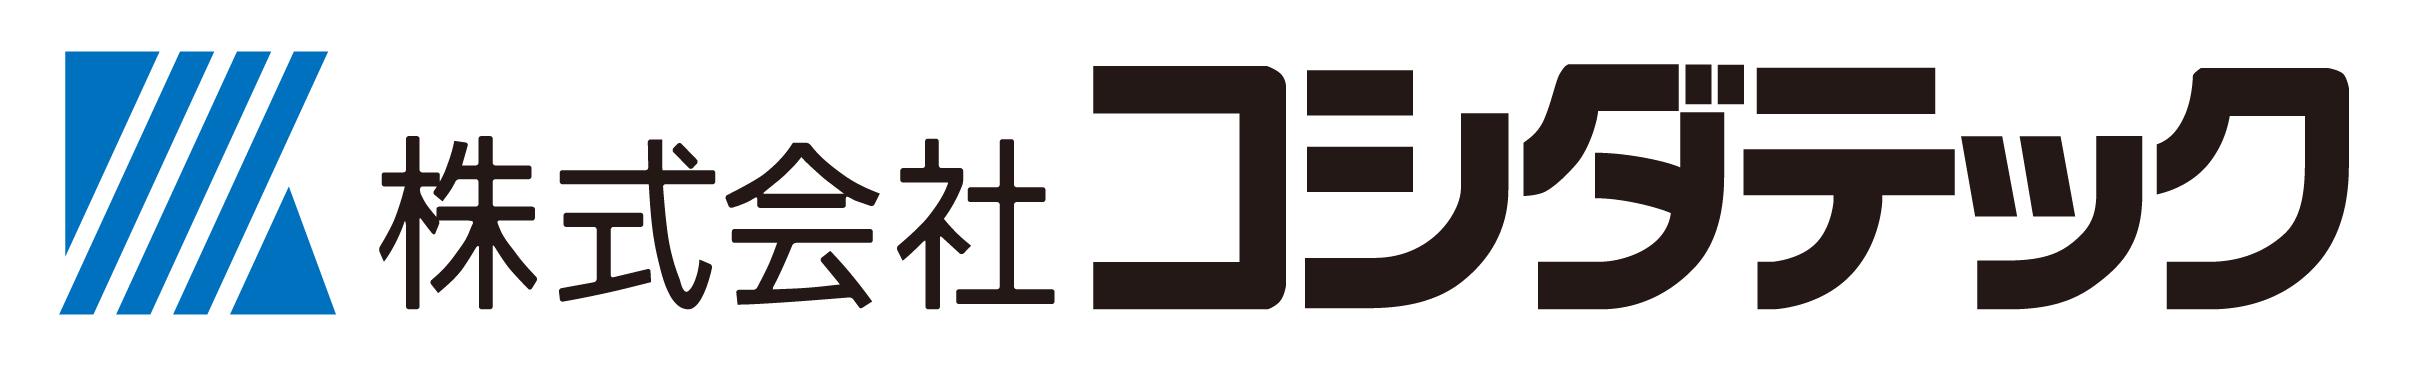 株式会社コシダテック